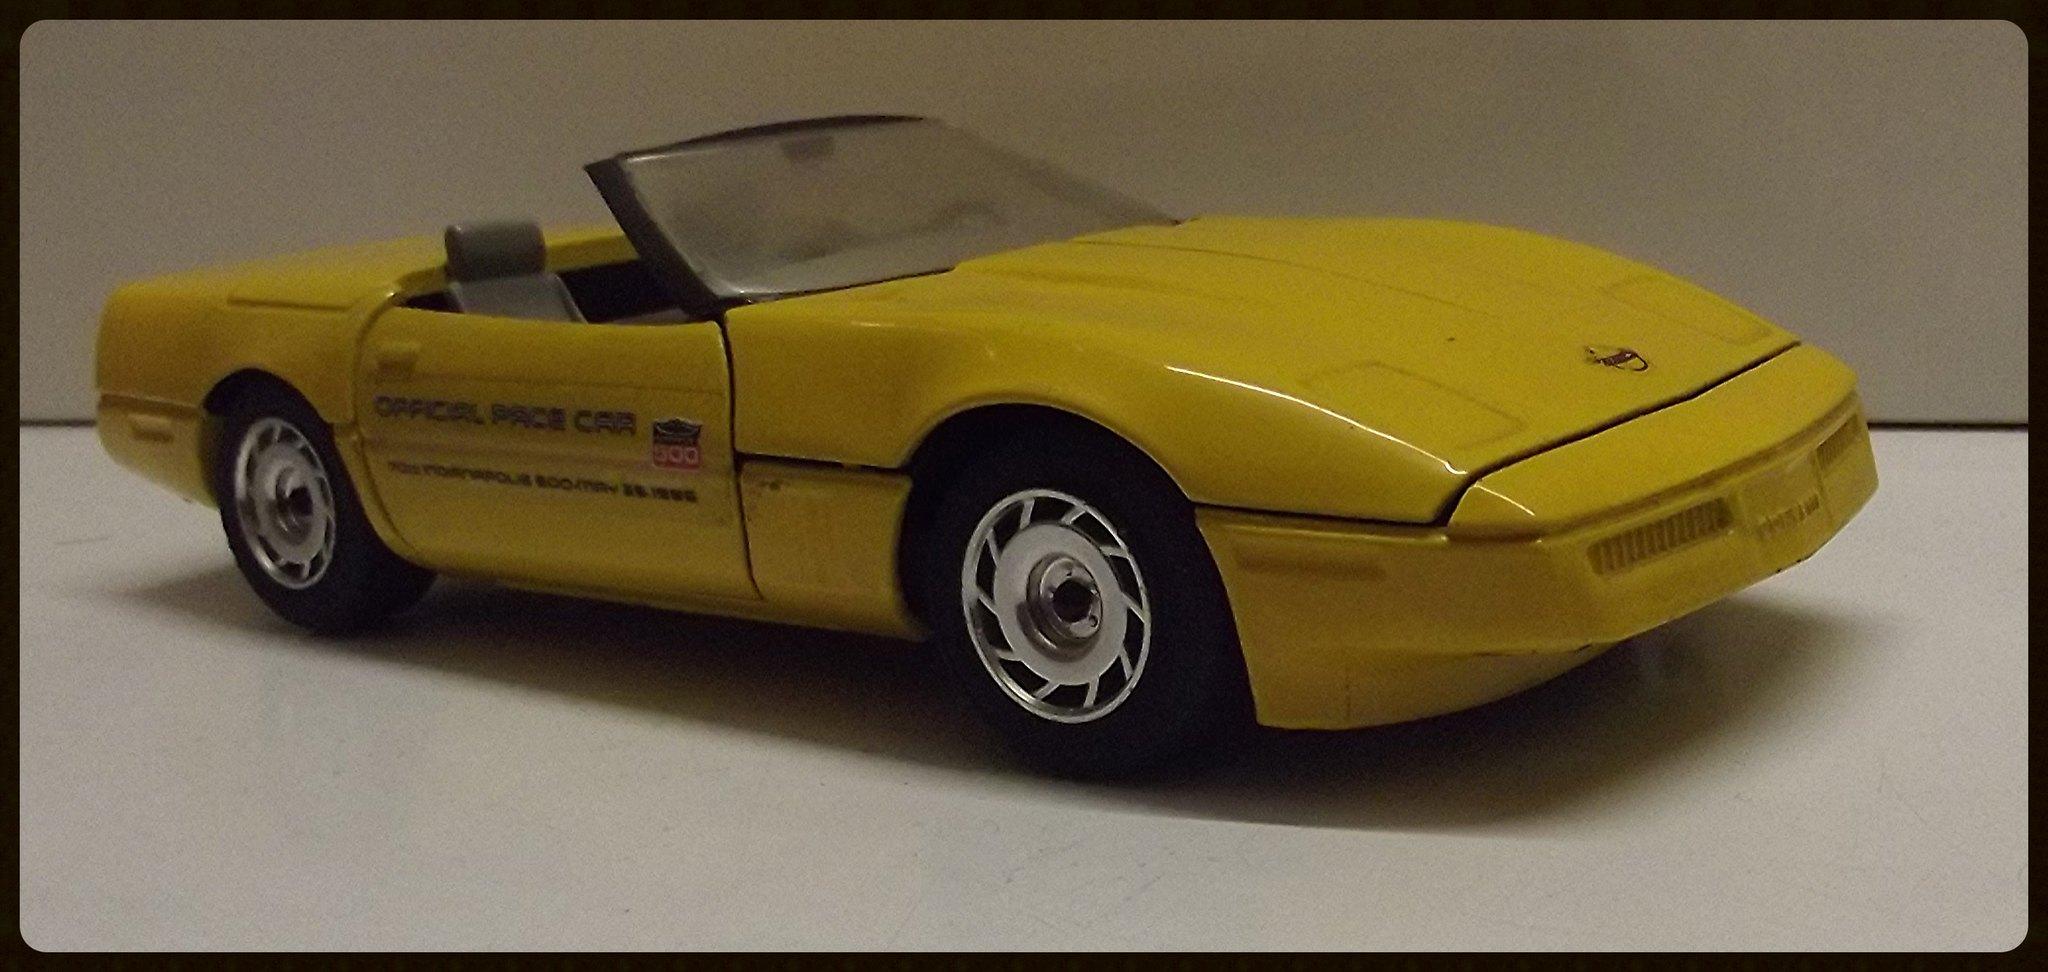 N°4204 Chevrolet Corvette Roadster. 32061711054_12d4de3160_k